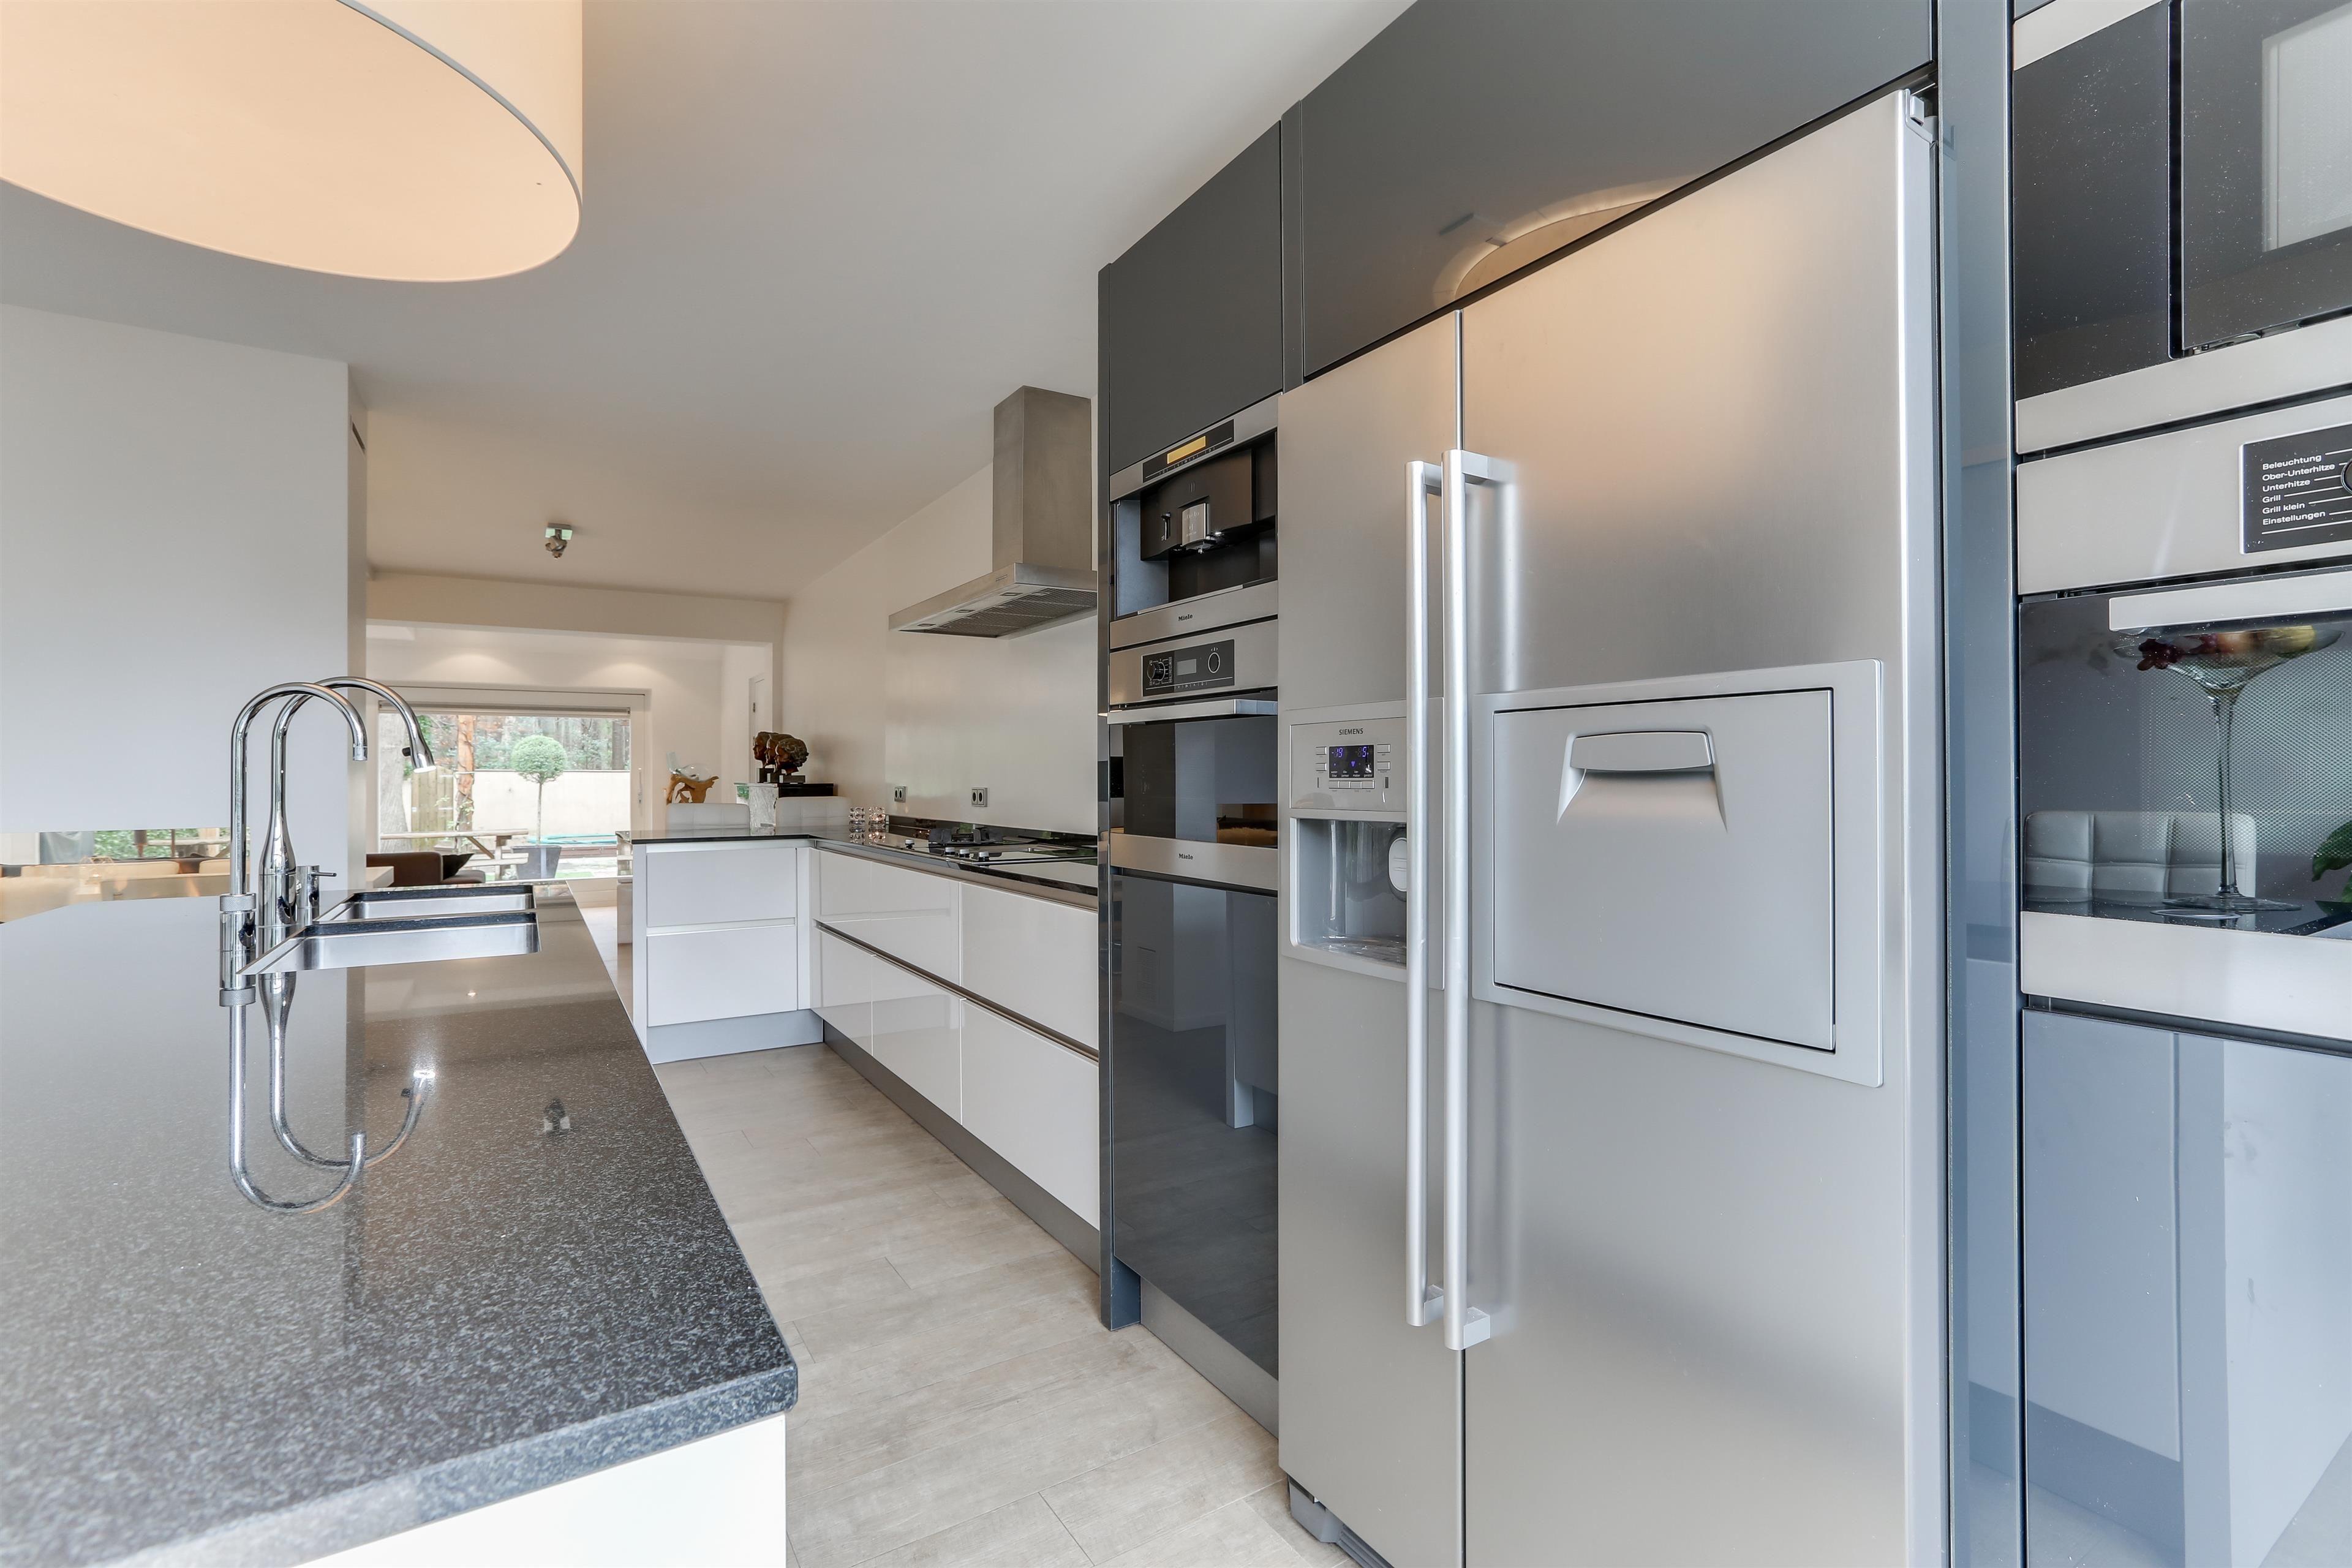 Luxe Design Keuken : Luxe design keuken met spoeleiland en hoogwaardige inbouwapparatuur